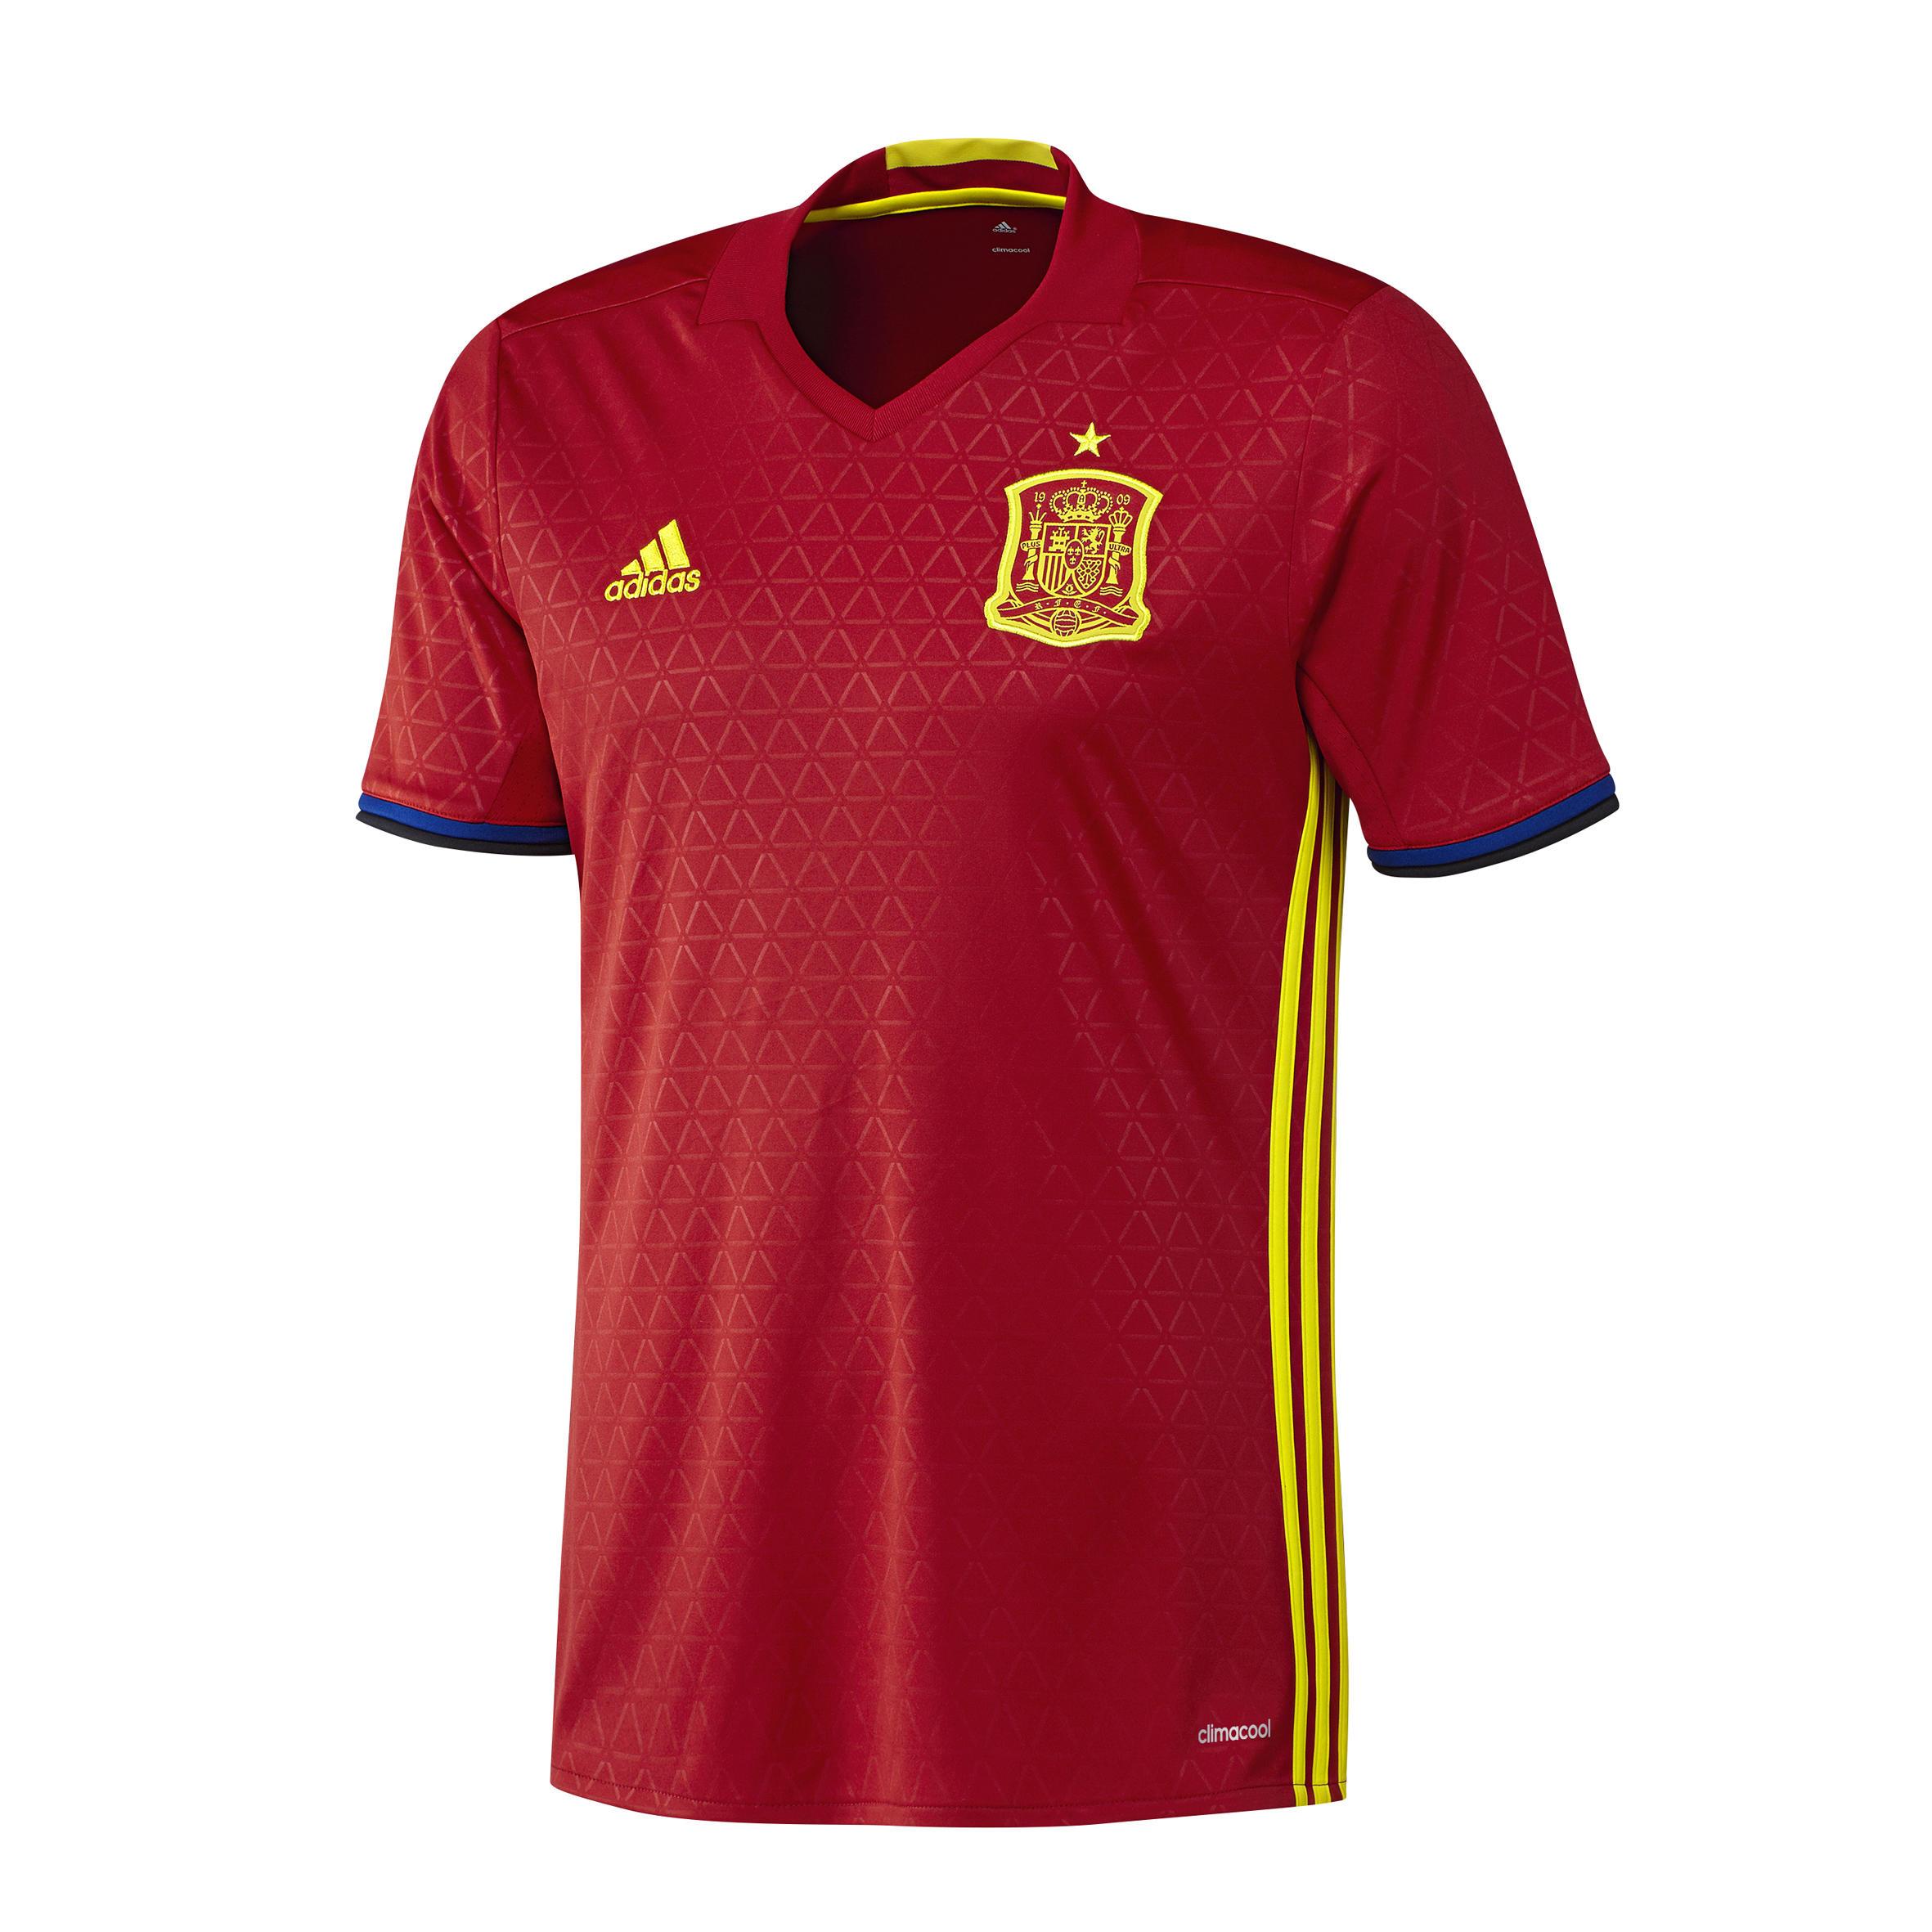 finest selection 86e23 b4e10 Camisetas Oficiales Selecciones Fútbol 2018   Decathlon